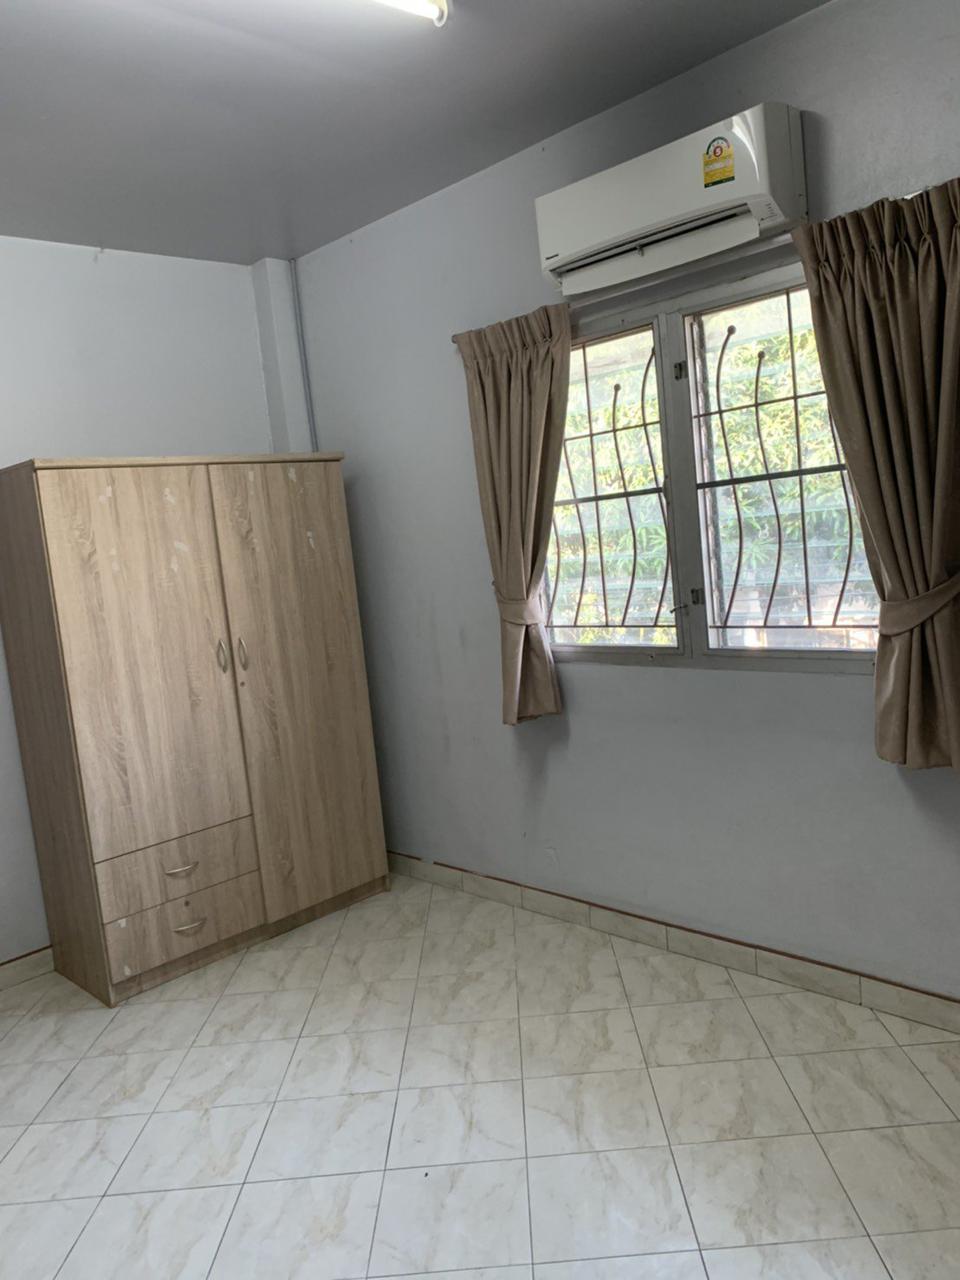 ให้เช่าบ้านเดี่ยว 2 ชั้นซอยนวลจันทร์ 4 ห้องนอน 2 ห้องน้ำ รูปที่ 3